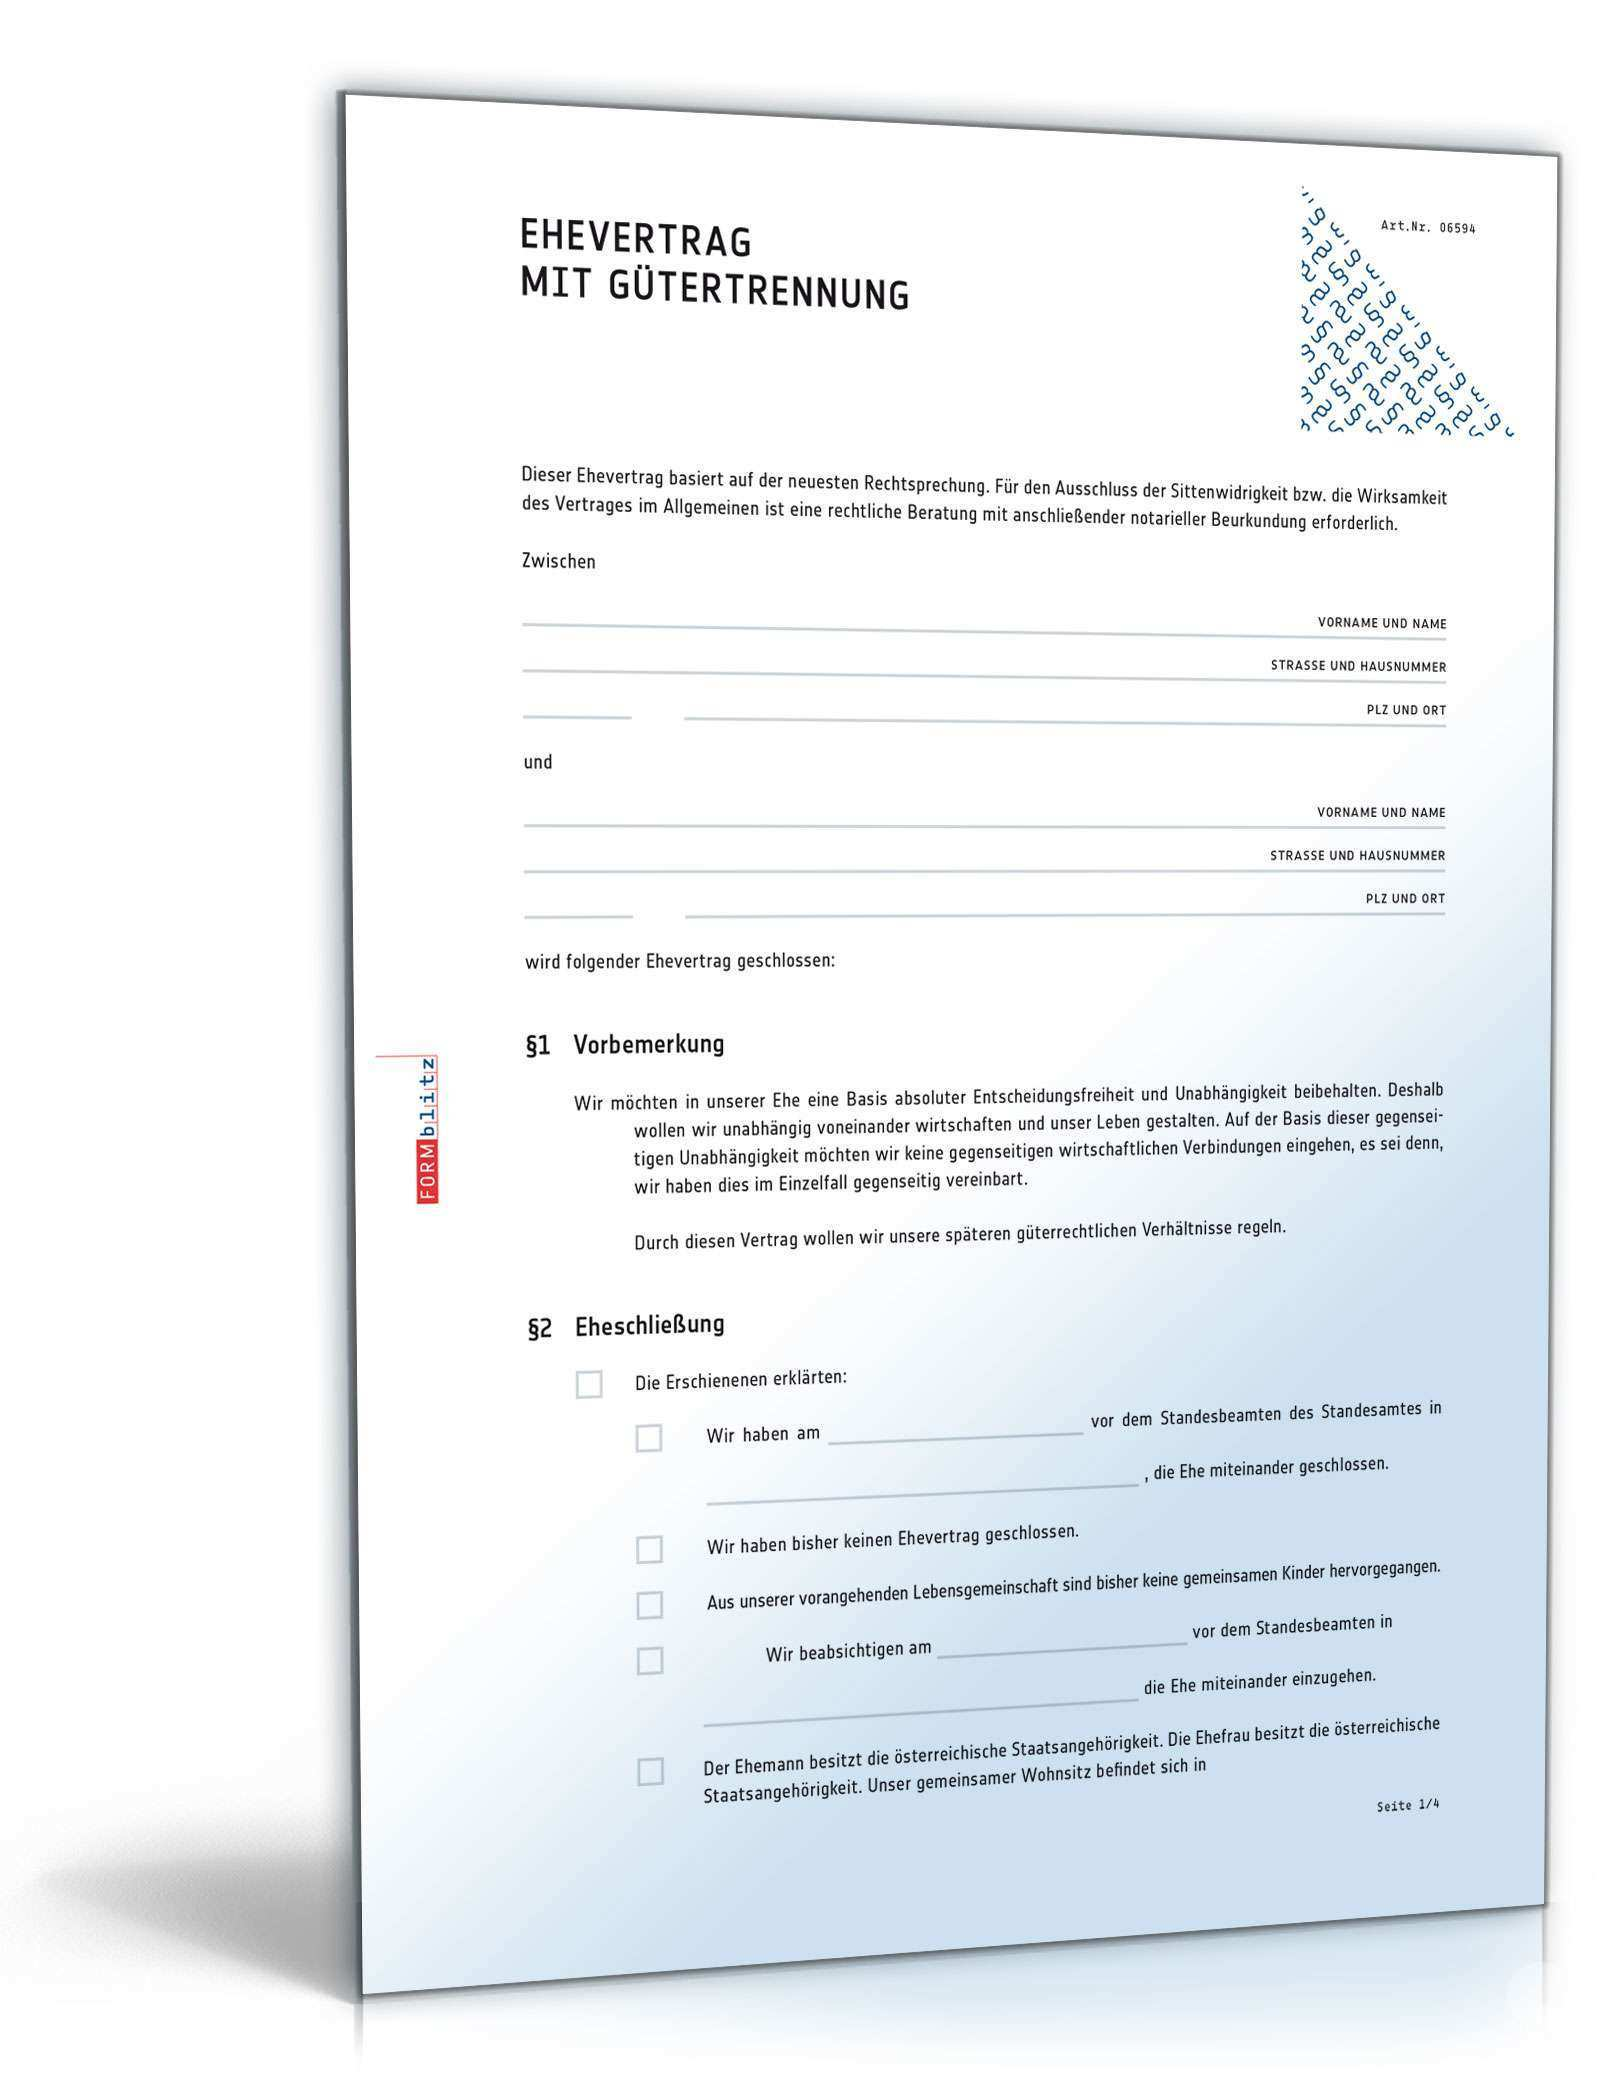 Ehevertrag Mit Gutertrennung Muster Vorlage Zum Download